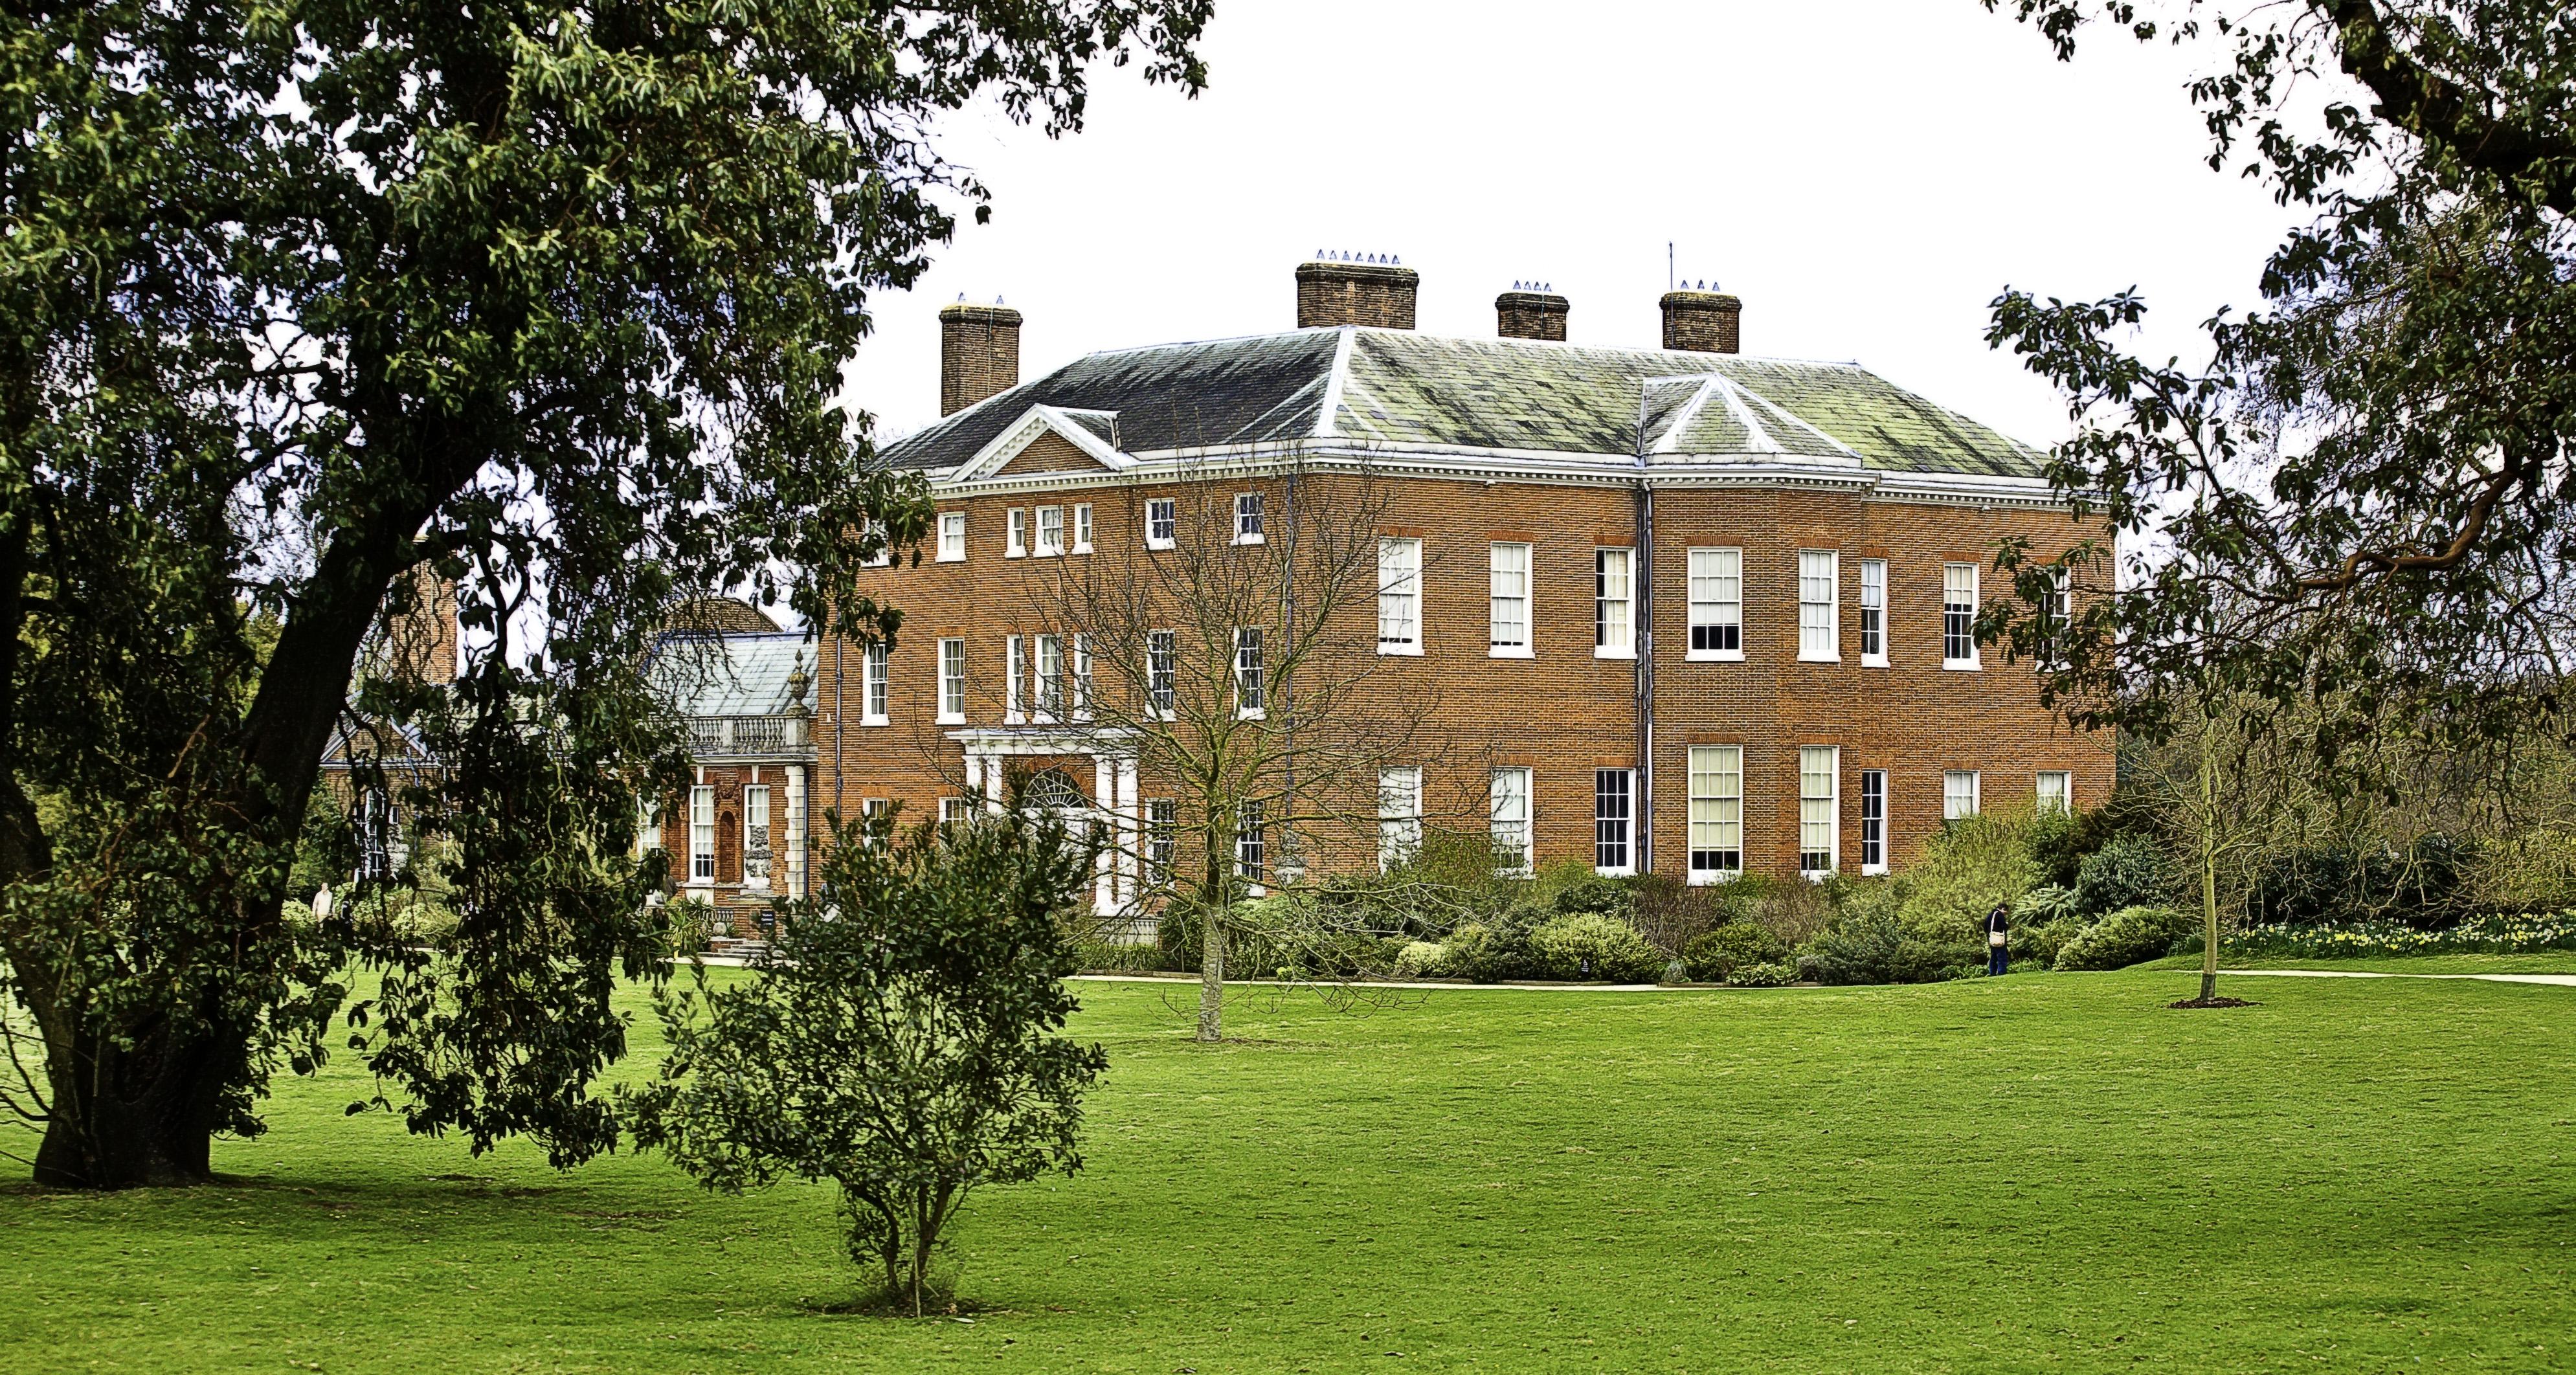 Guildford-Hatchlands-Park